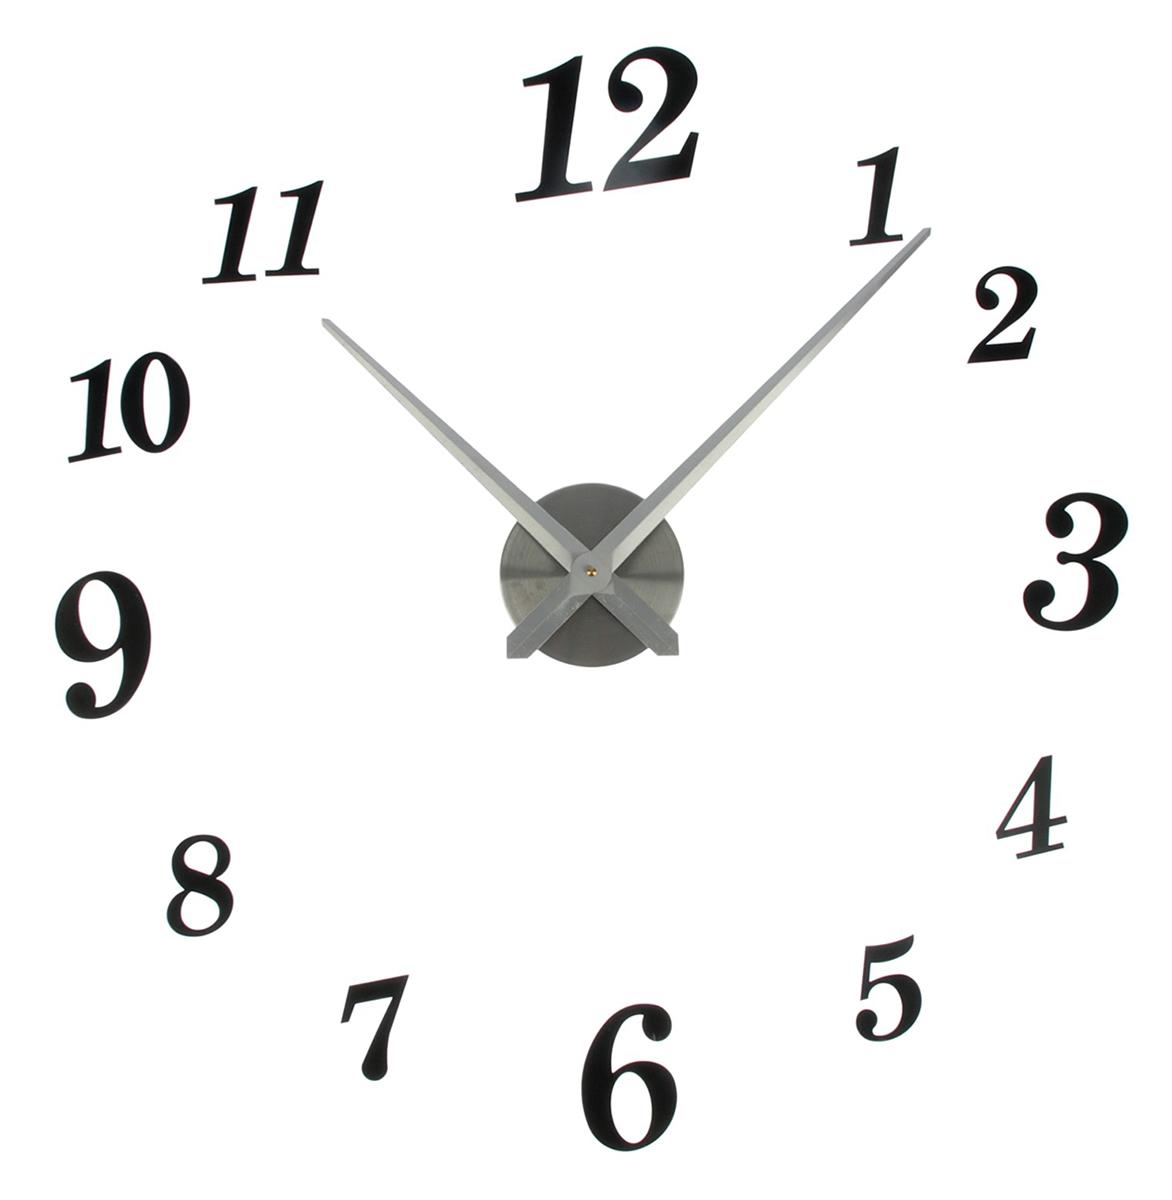 Часы-наклейка настенные DIY Ромб2768030Каждому хозяину периодически приходит мысль обновить свою квартиру, сделать ремонт, перестановку или кардинально поменять внешний вид каждой комнаты. Часы-наклейка DIY Ромб с сердечками, черные — привлекательная деталь, которая поможет воплотить вашу интерьерную идею, создать неповторимую атмосферу в вашем доме. Окружите себя приятными мелочами, пусть они радуют глаз и дарят гармонию.Часы-наклейка DIY Ромб с сердечками, чёрные 2768030